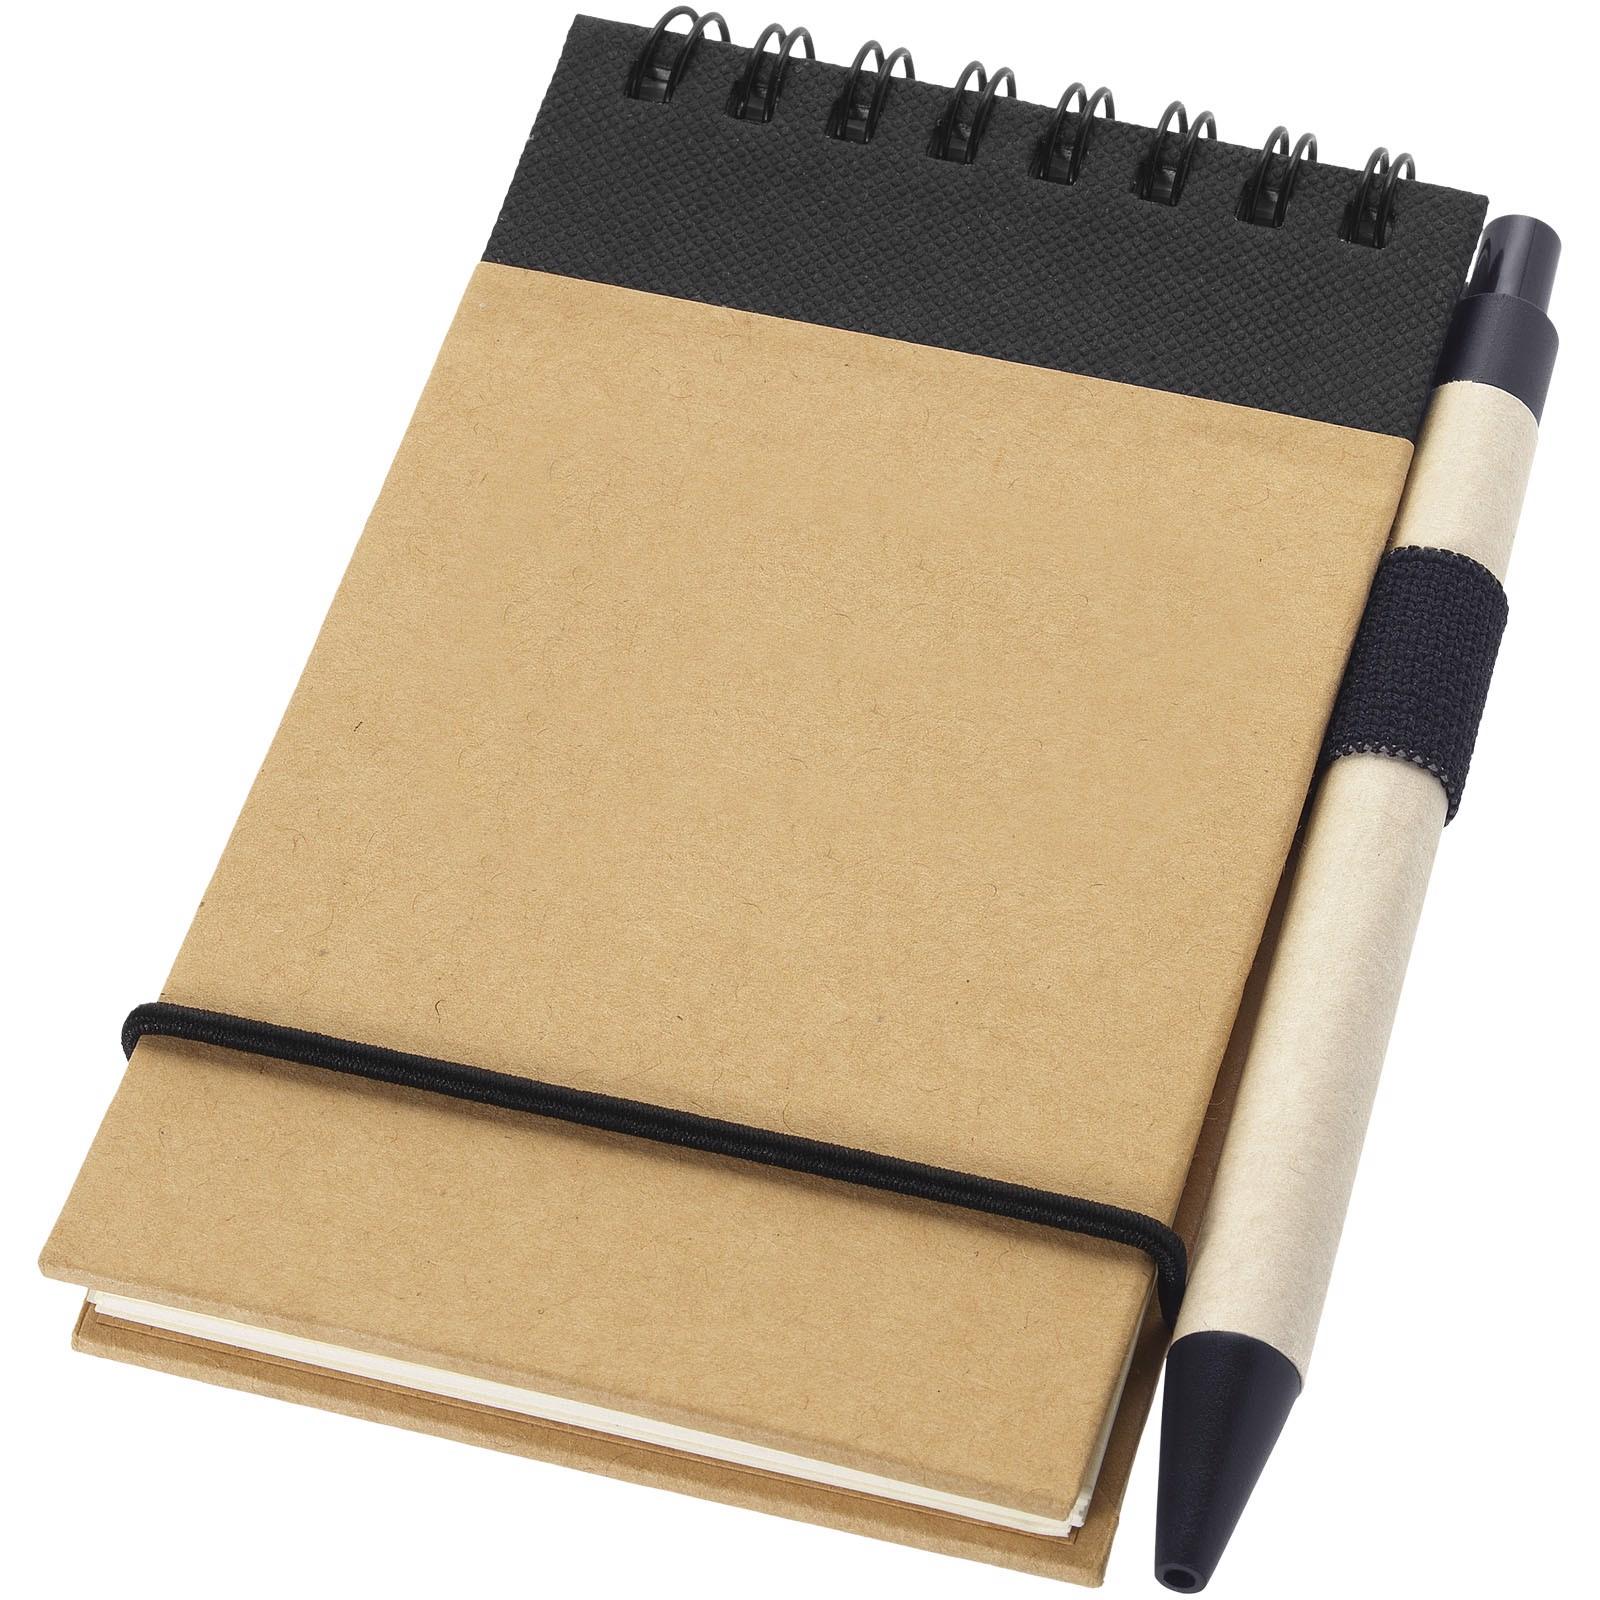 Zápisník A7 Zuse s perem z recyklovaného papíru - Přírodní / Černá